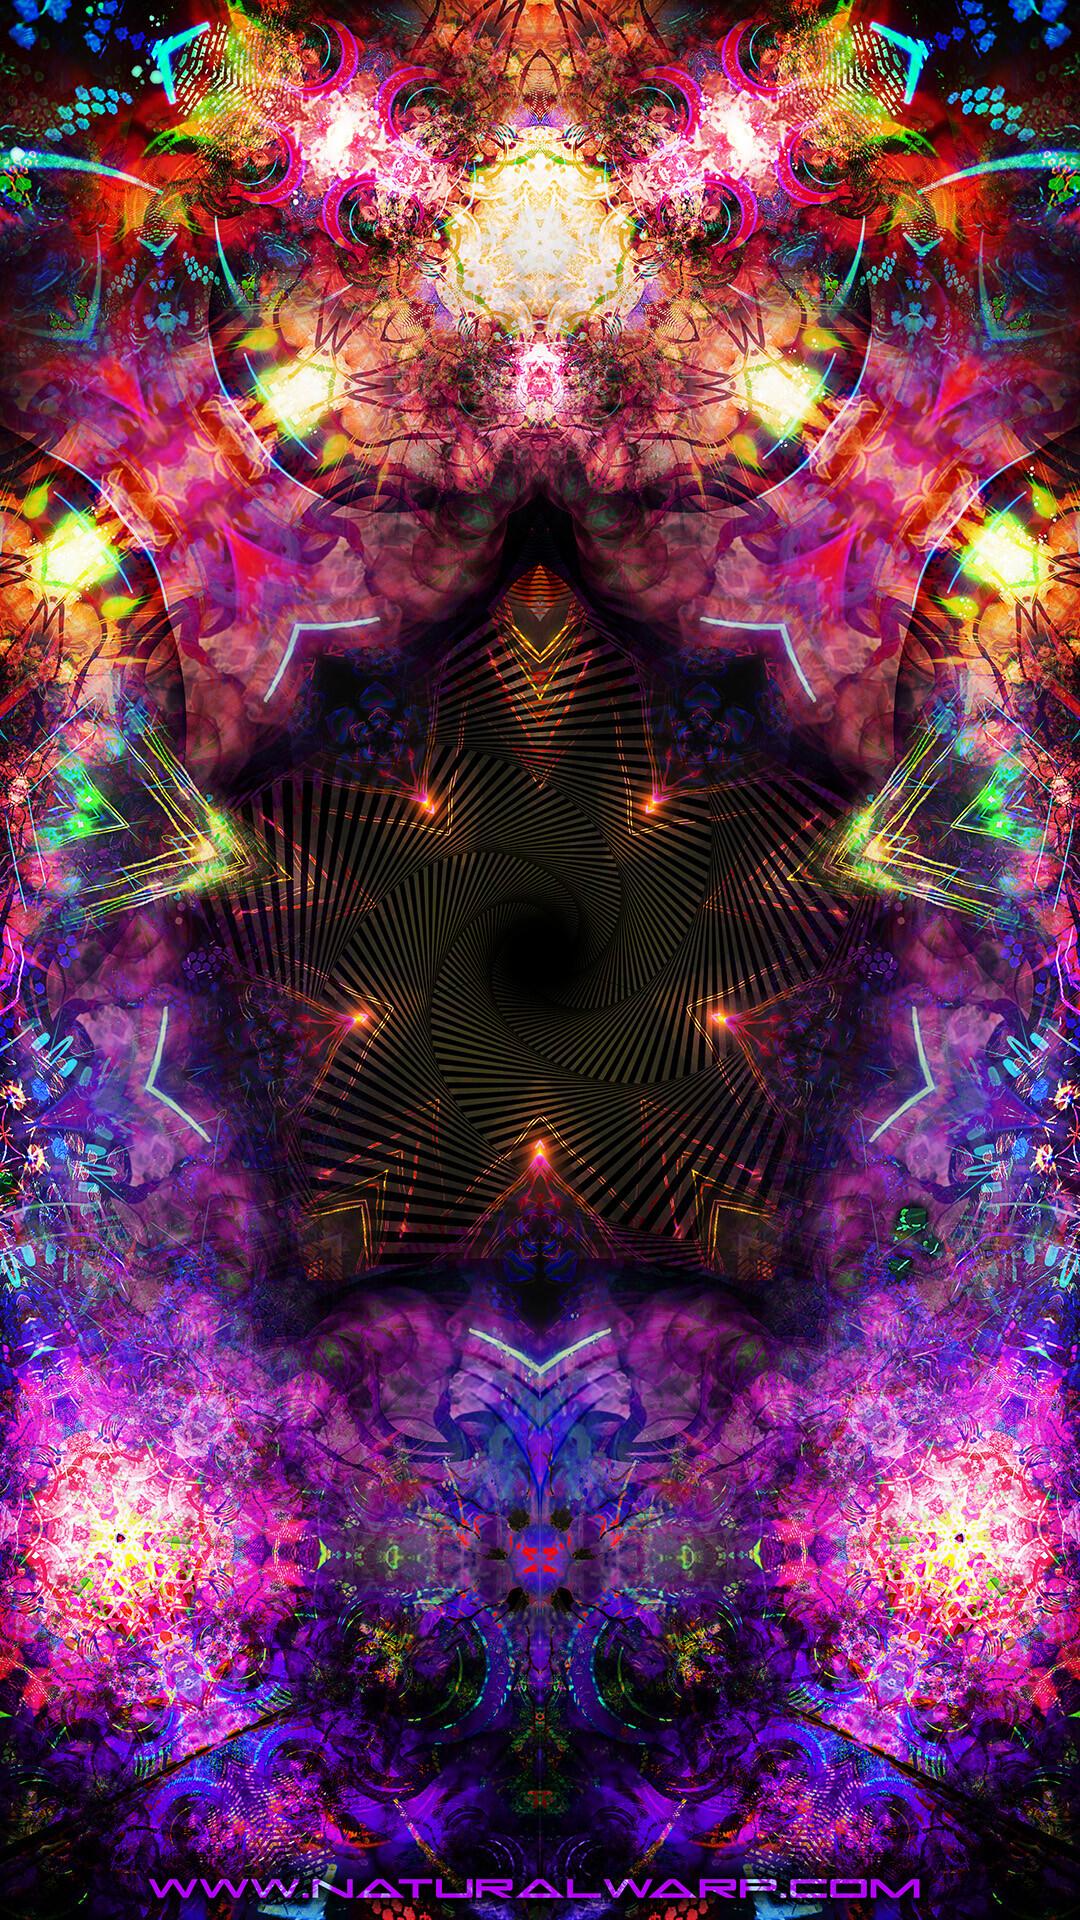 Mobile Wallpaper www.naturalwarp.com © 2020